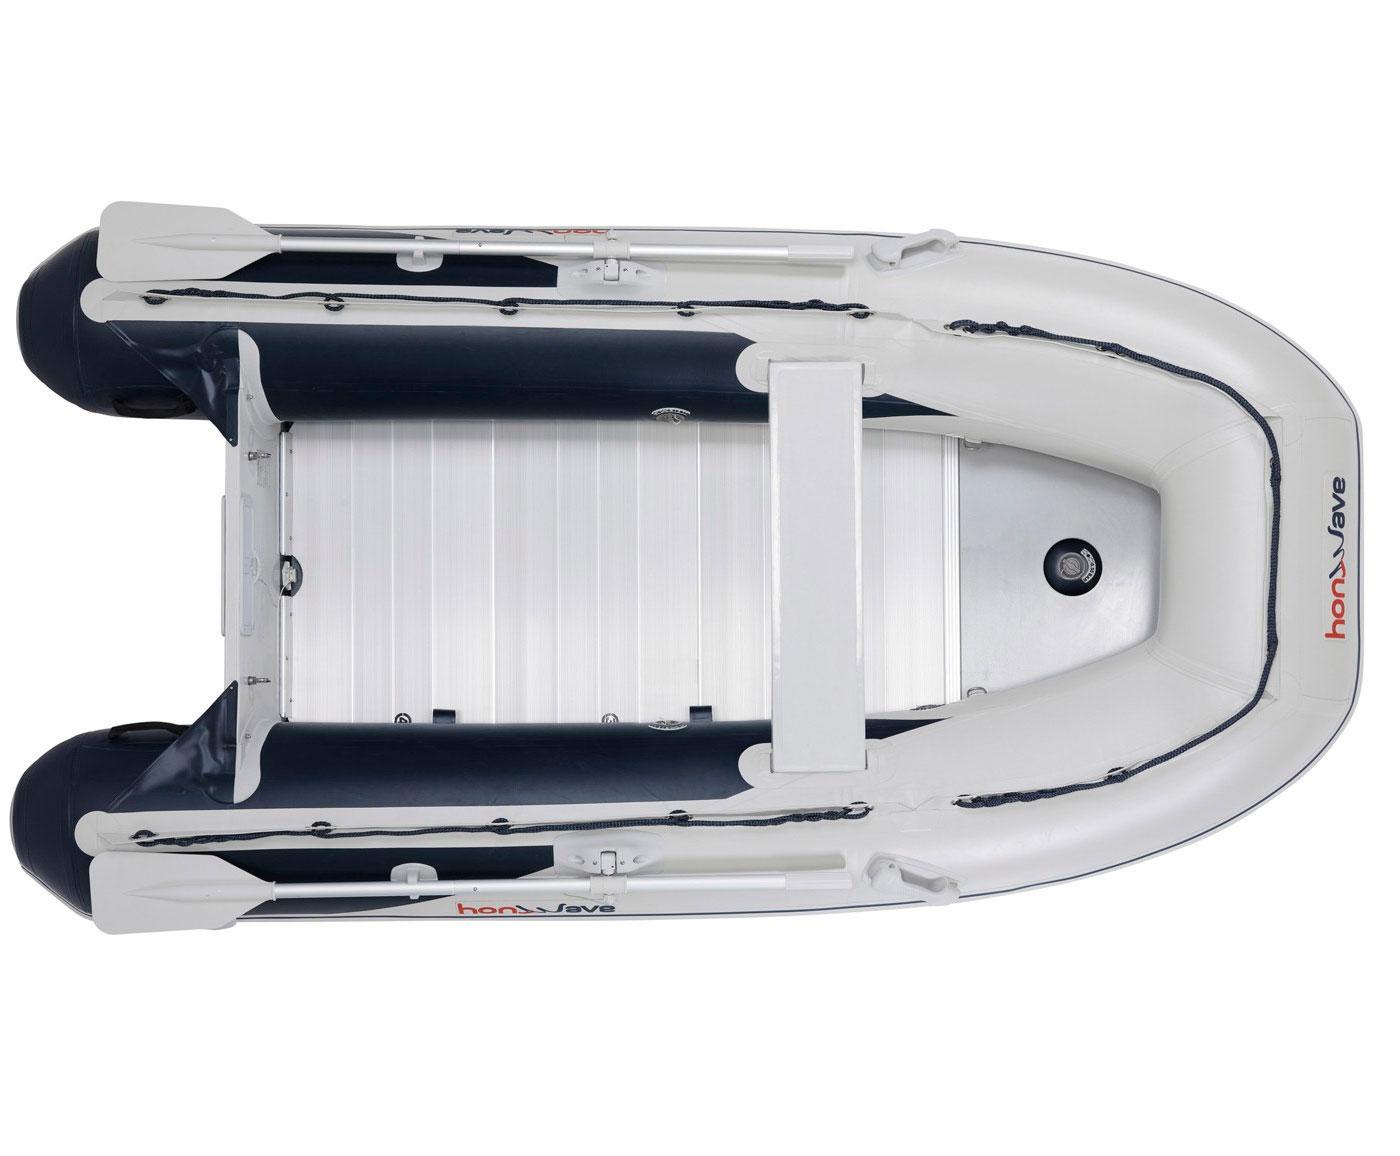 лодка пвх лидер 360 инструкция по применению